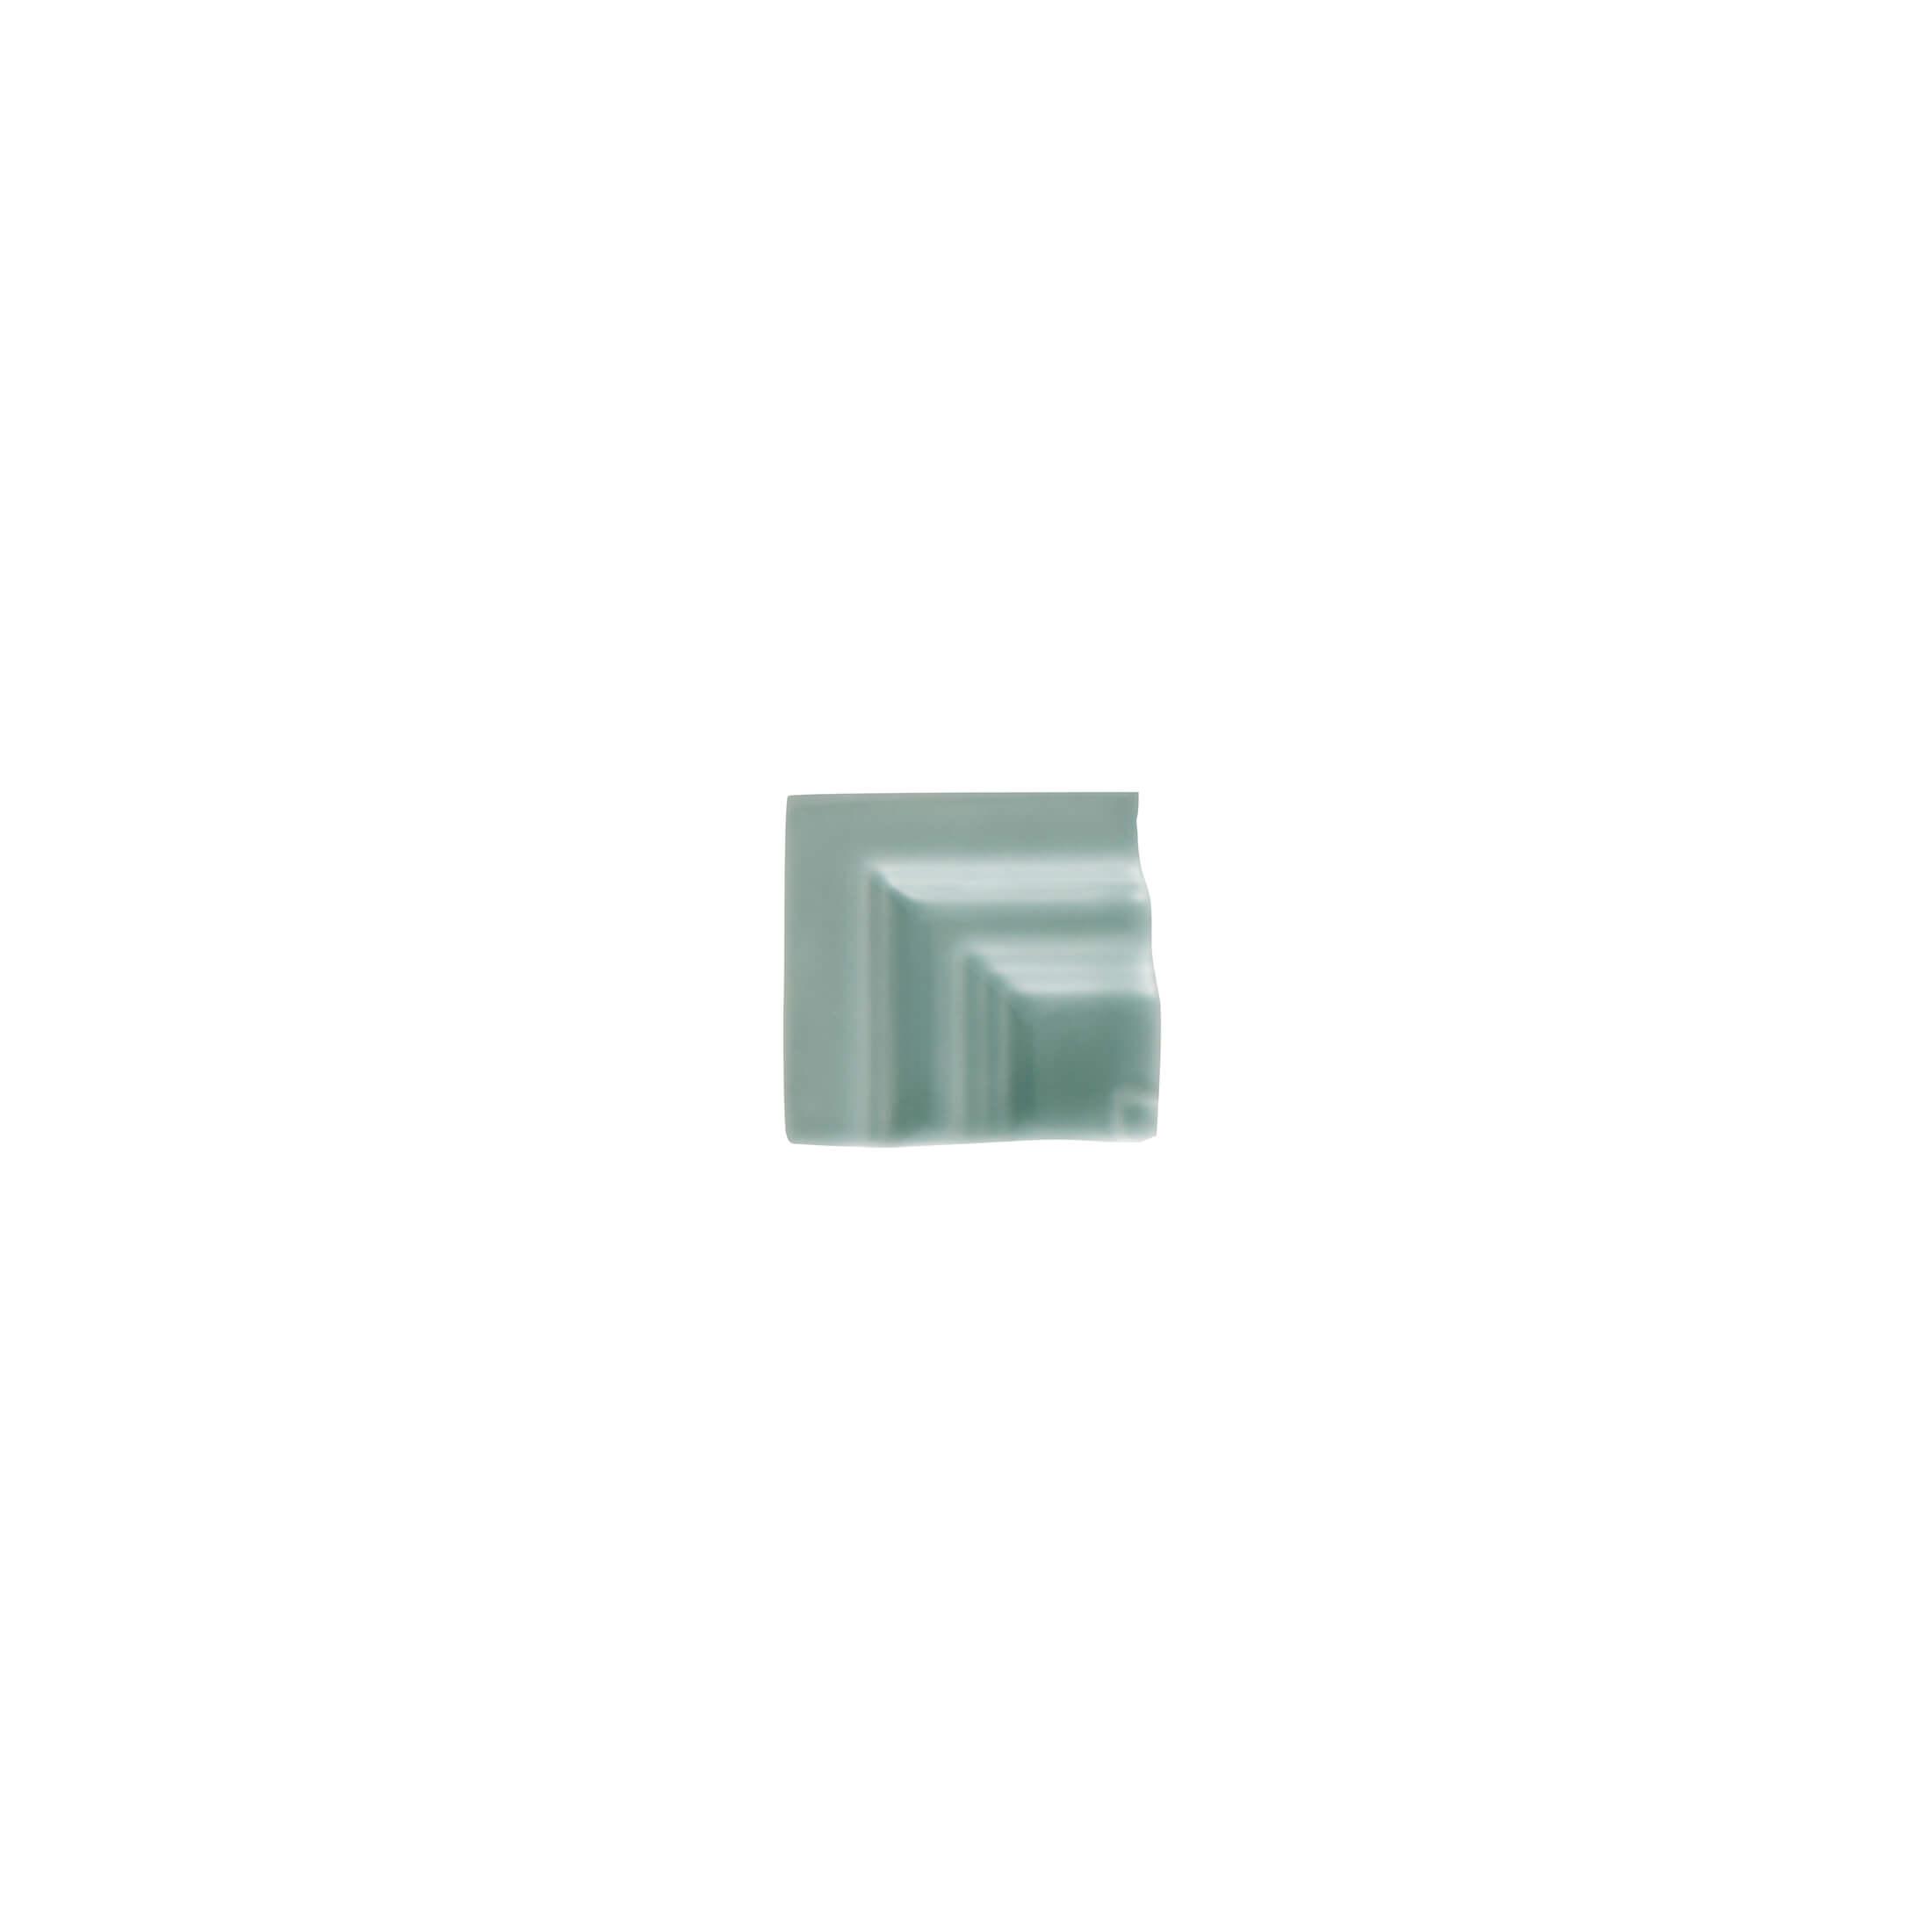 ADNE5616 - ANGULO MARCO CORNISACLASICA - 5 cm X 20 cm